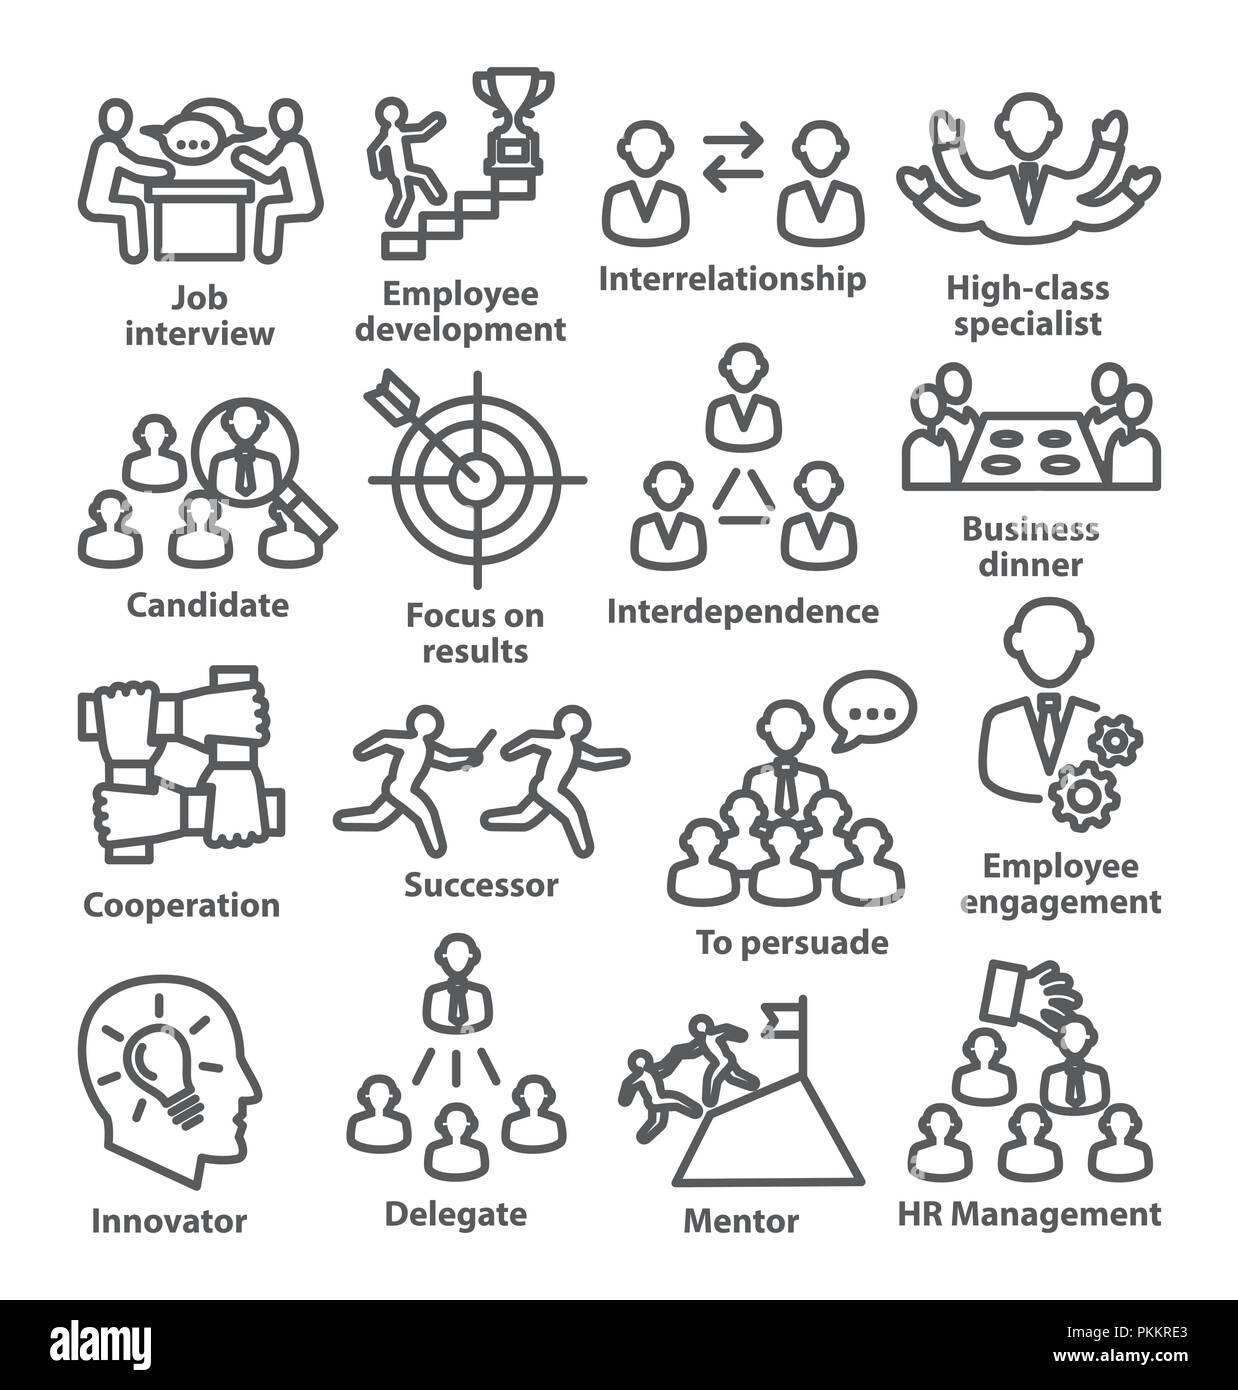 Business management le icone della linea Pack 33 Immagini Stock